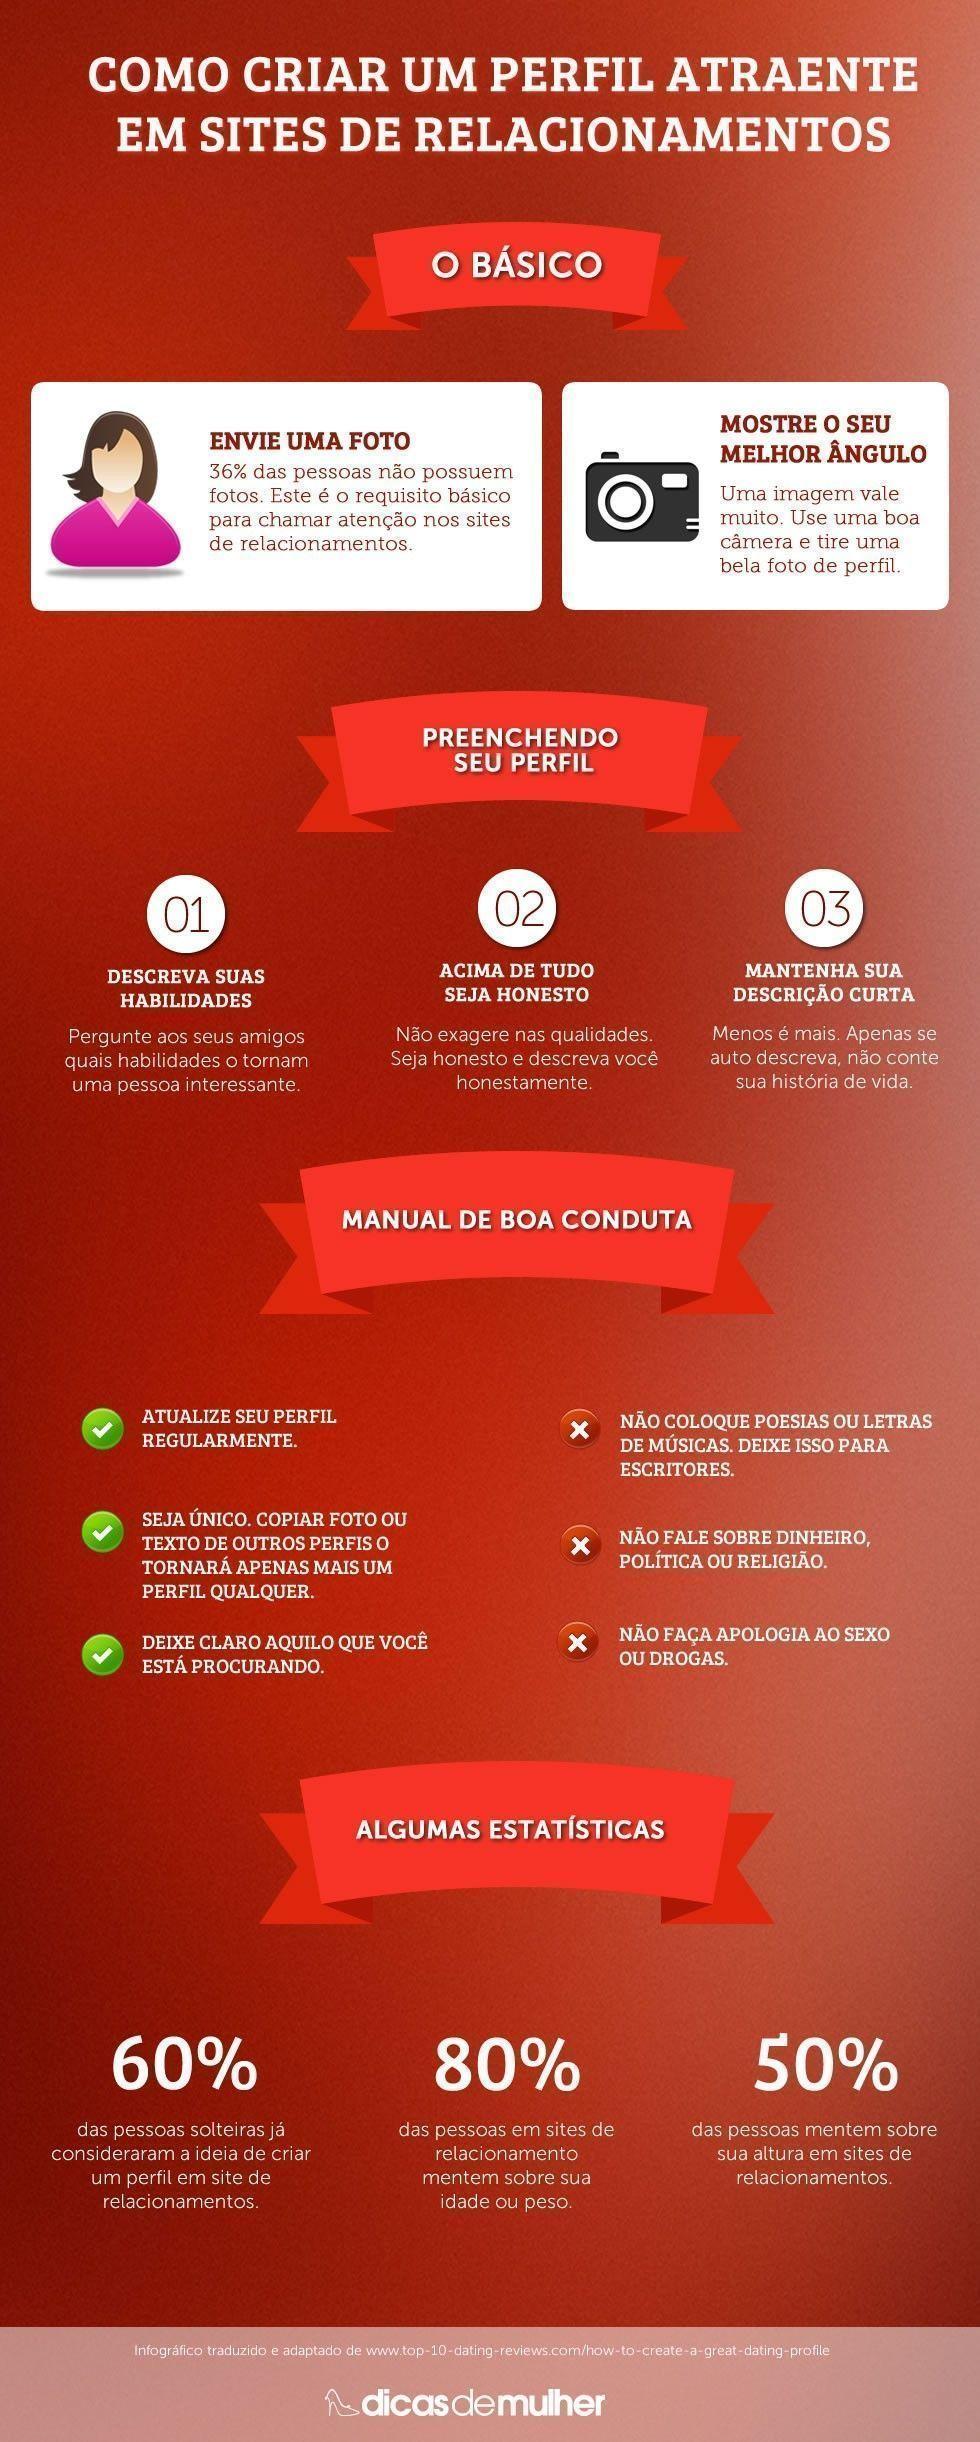 infografico-como-criar-perfil-atraente2-980x2442